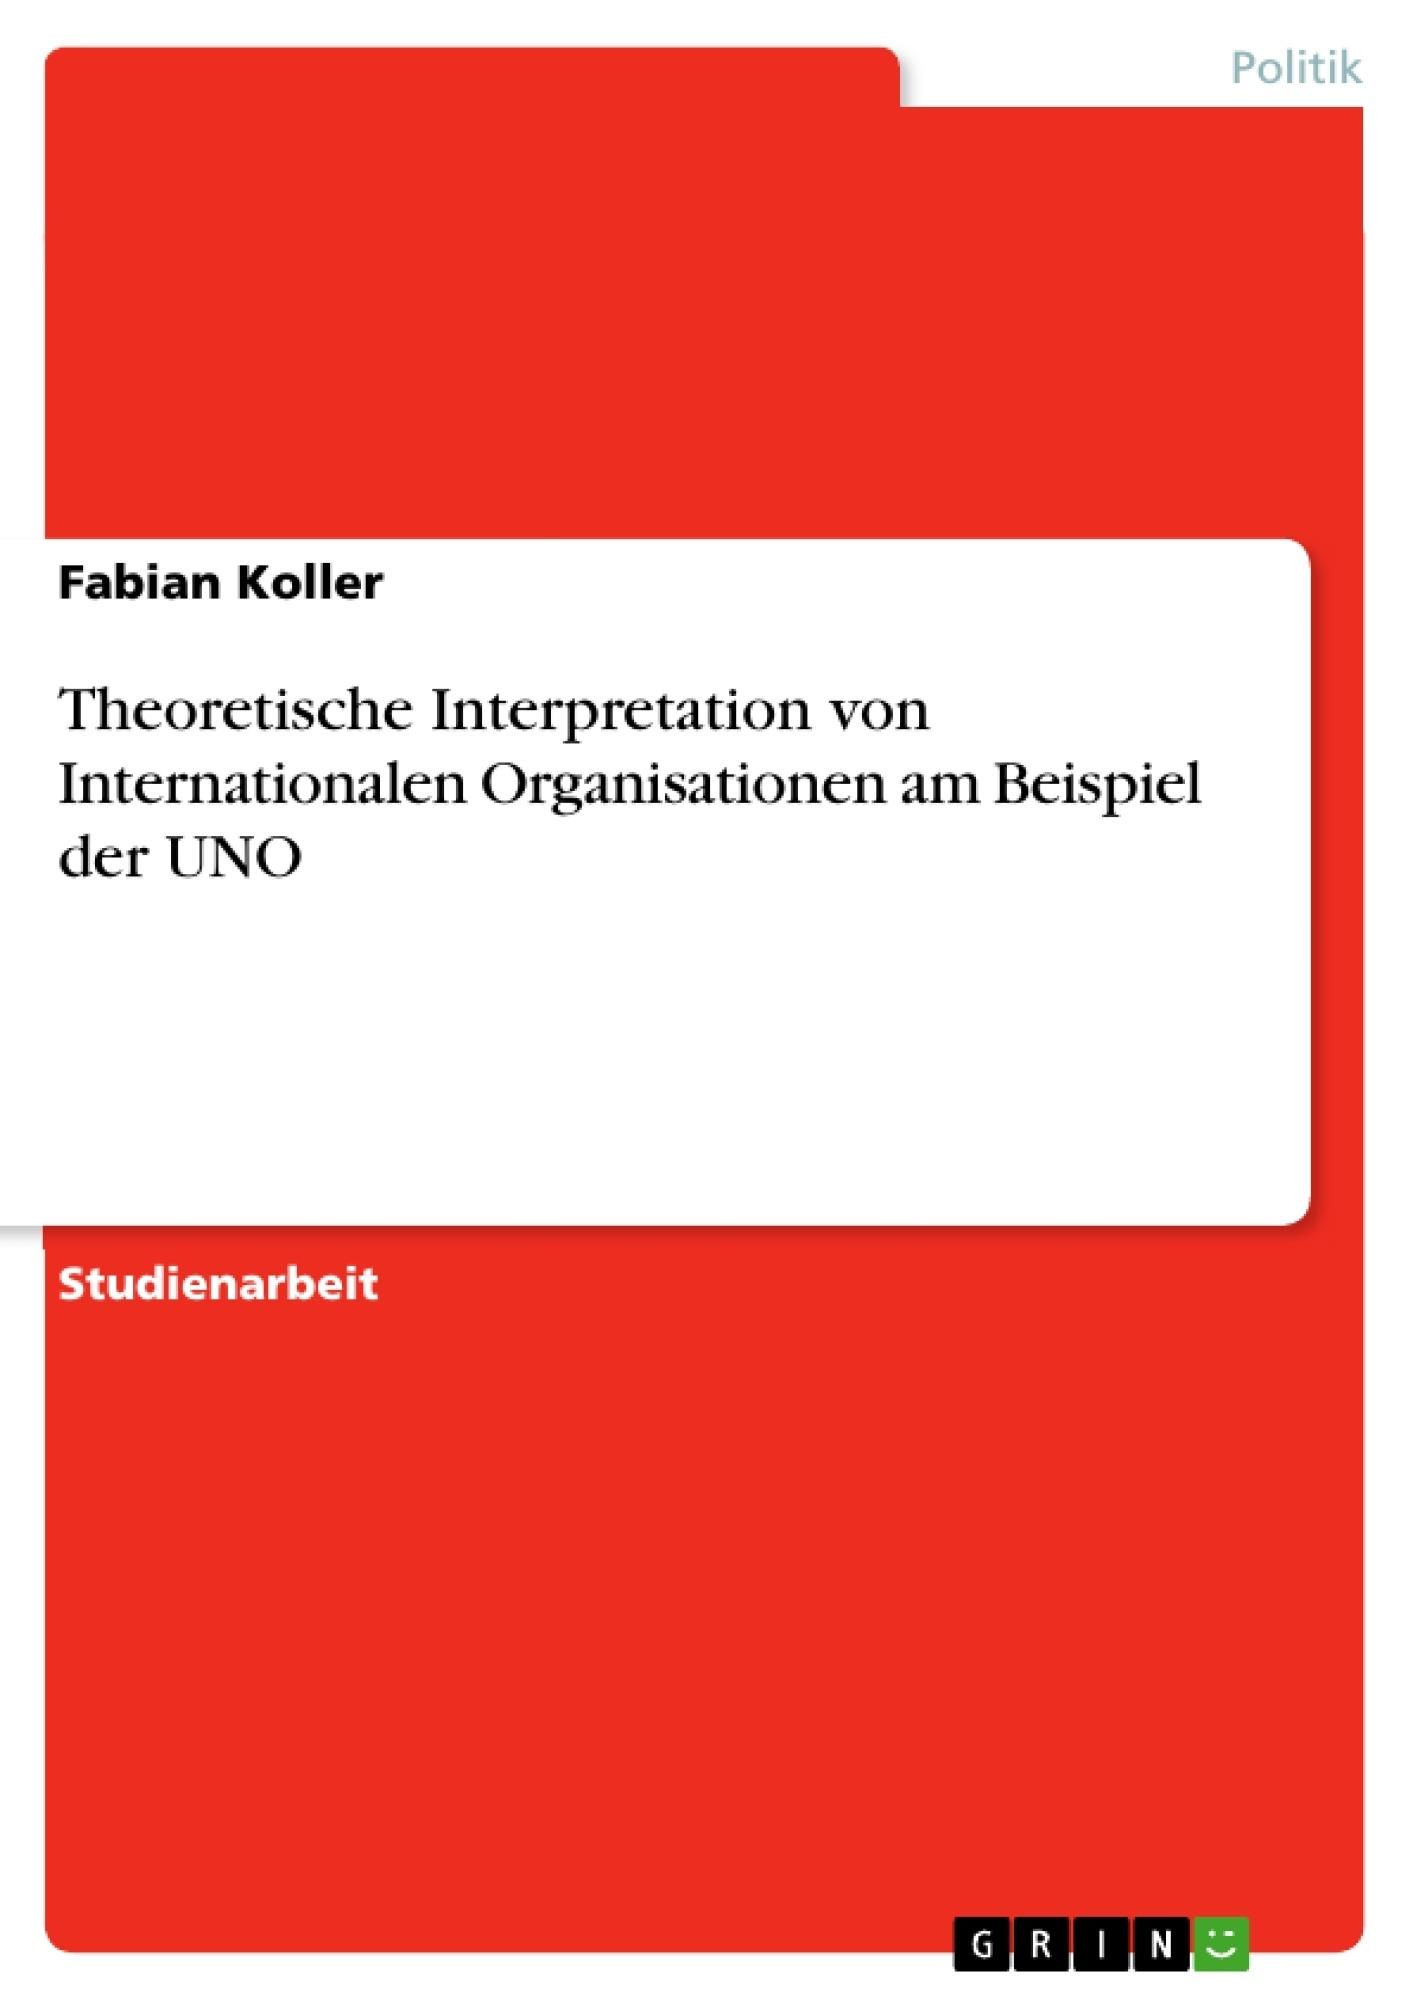 Titel: Theoretische Interpretation von Internationalen Organisationen am Beispiel der UNO